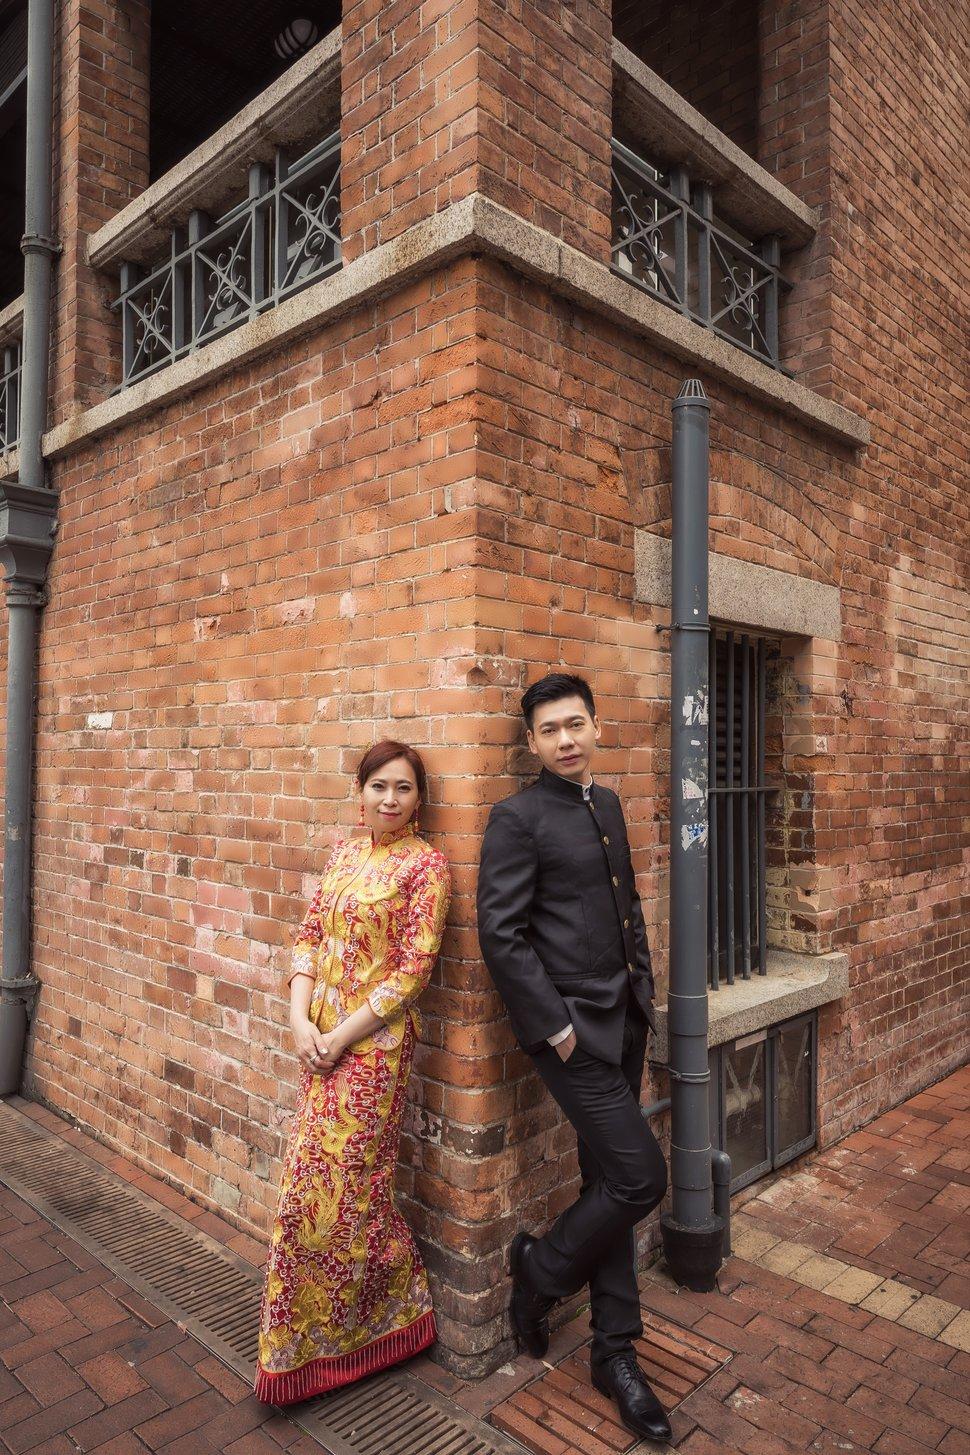 Khalil Chou(經典復古)-68 - Khalil Chou (凱勒·周)《結婚吧》